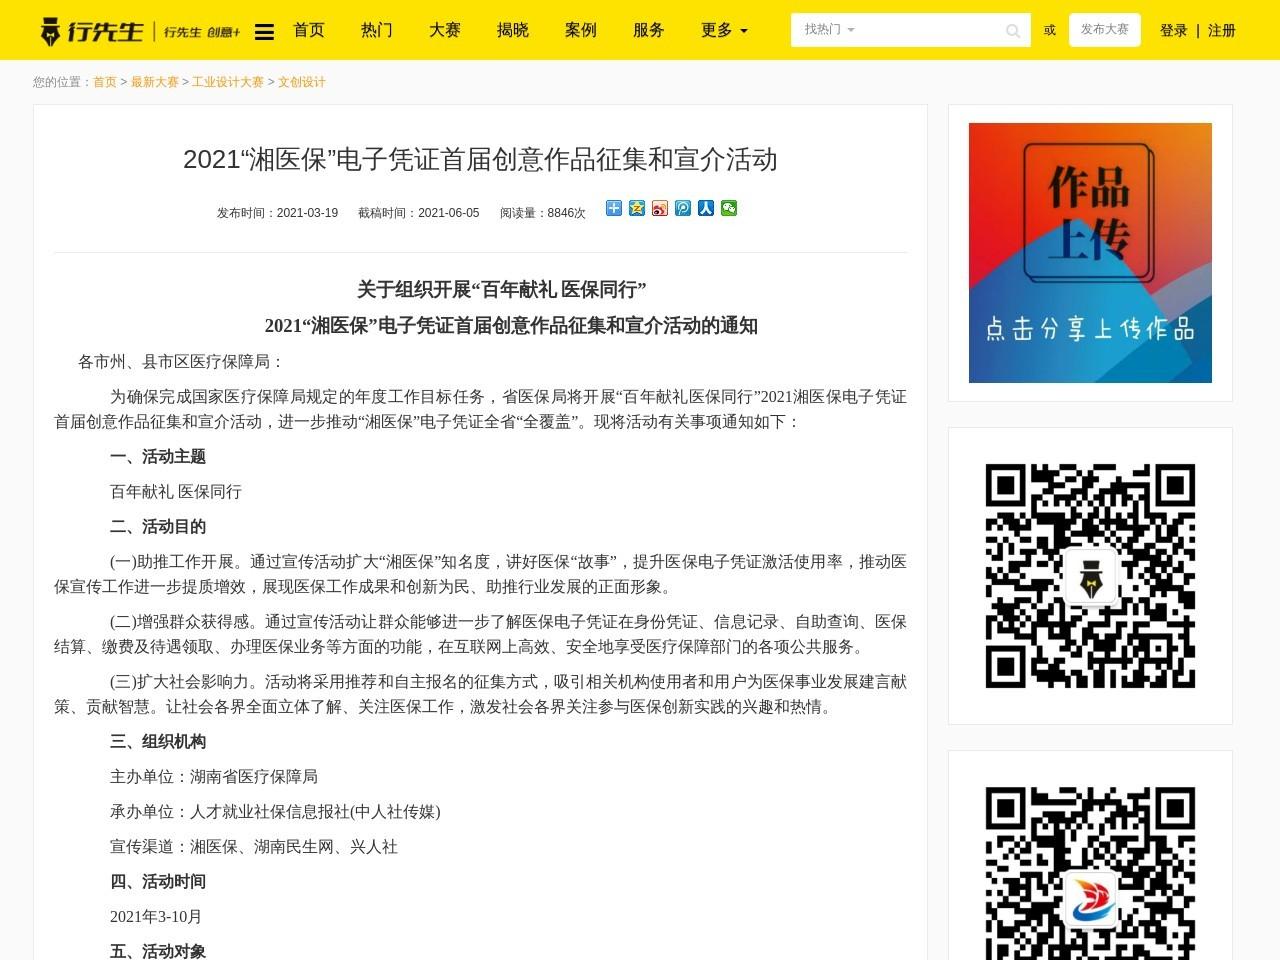 """2021""""湘医保""""电子凭证首届创意作品征集和宣介活动"""